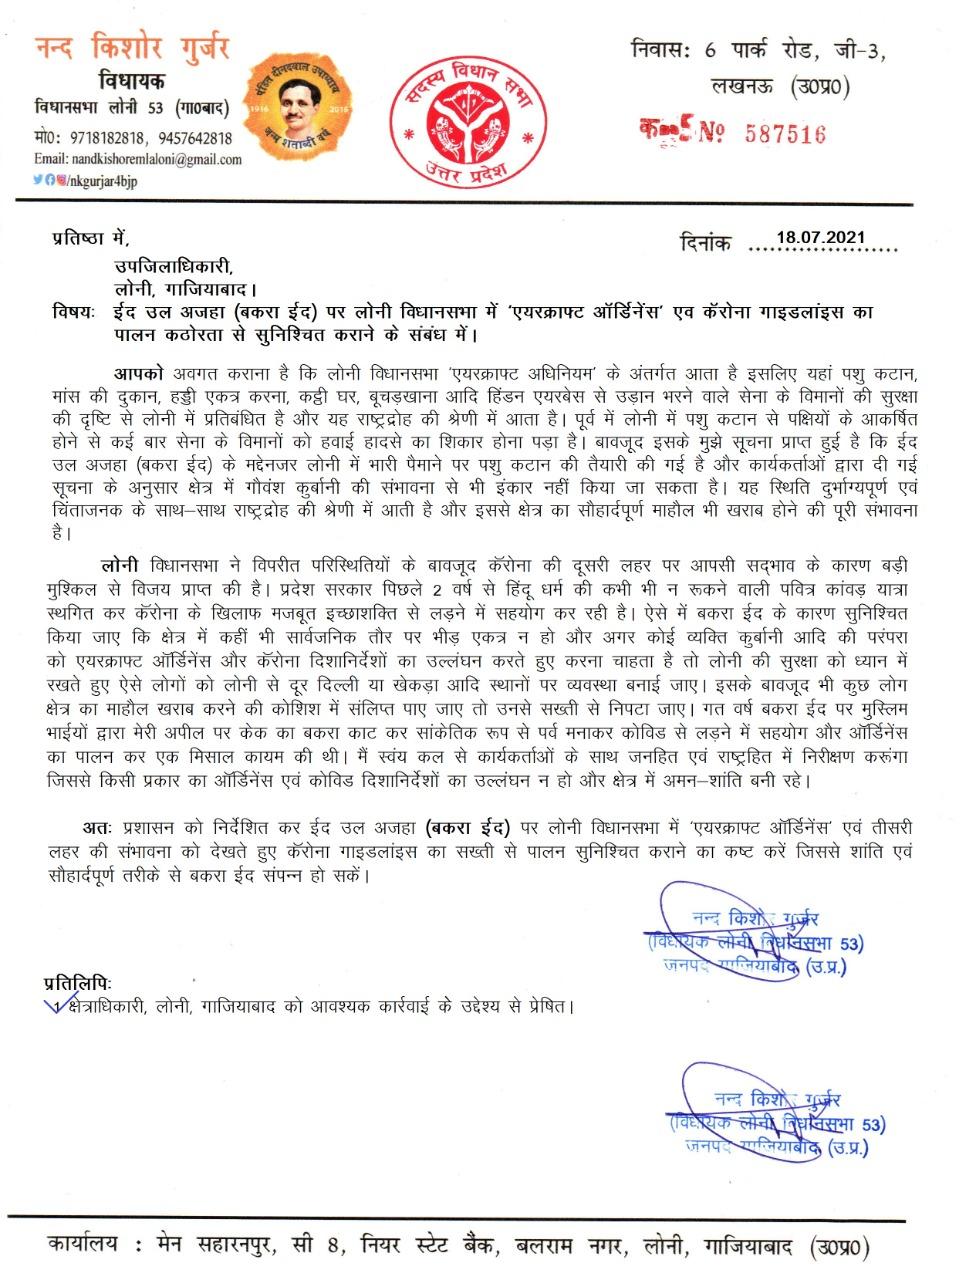 बीजेपी विधायक नंदकिशोर गुर्जर द्वारा एसडीएम लोनी और सीओ को लिखा गया पत्र।